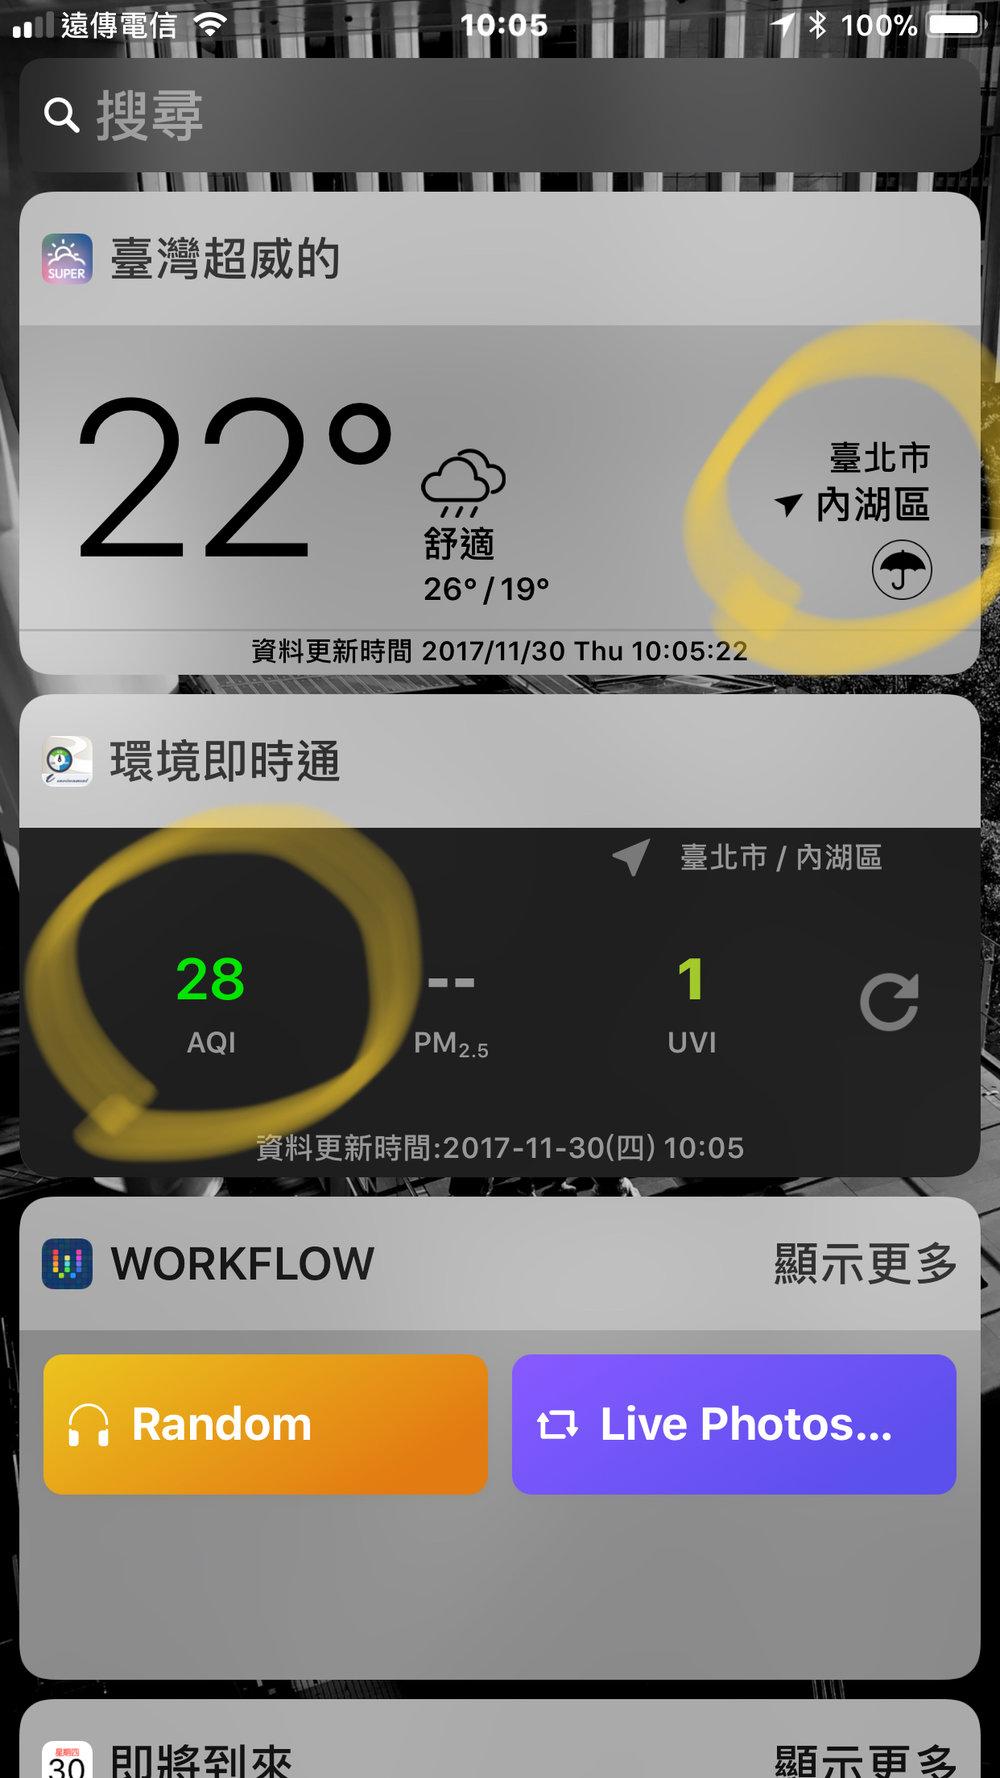 可即時掌握今日有雨傘圖示的大雨特報,以及現在AQI為優良的資訊